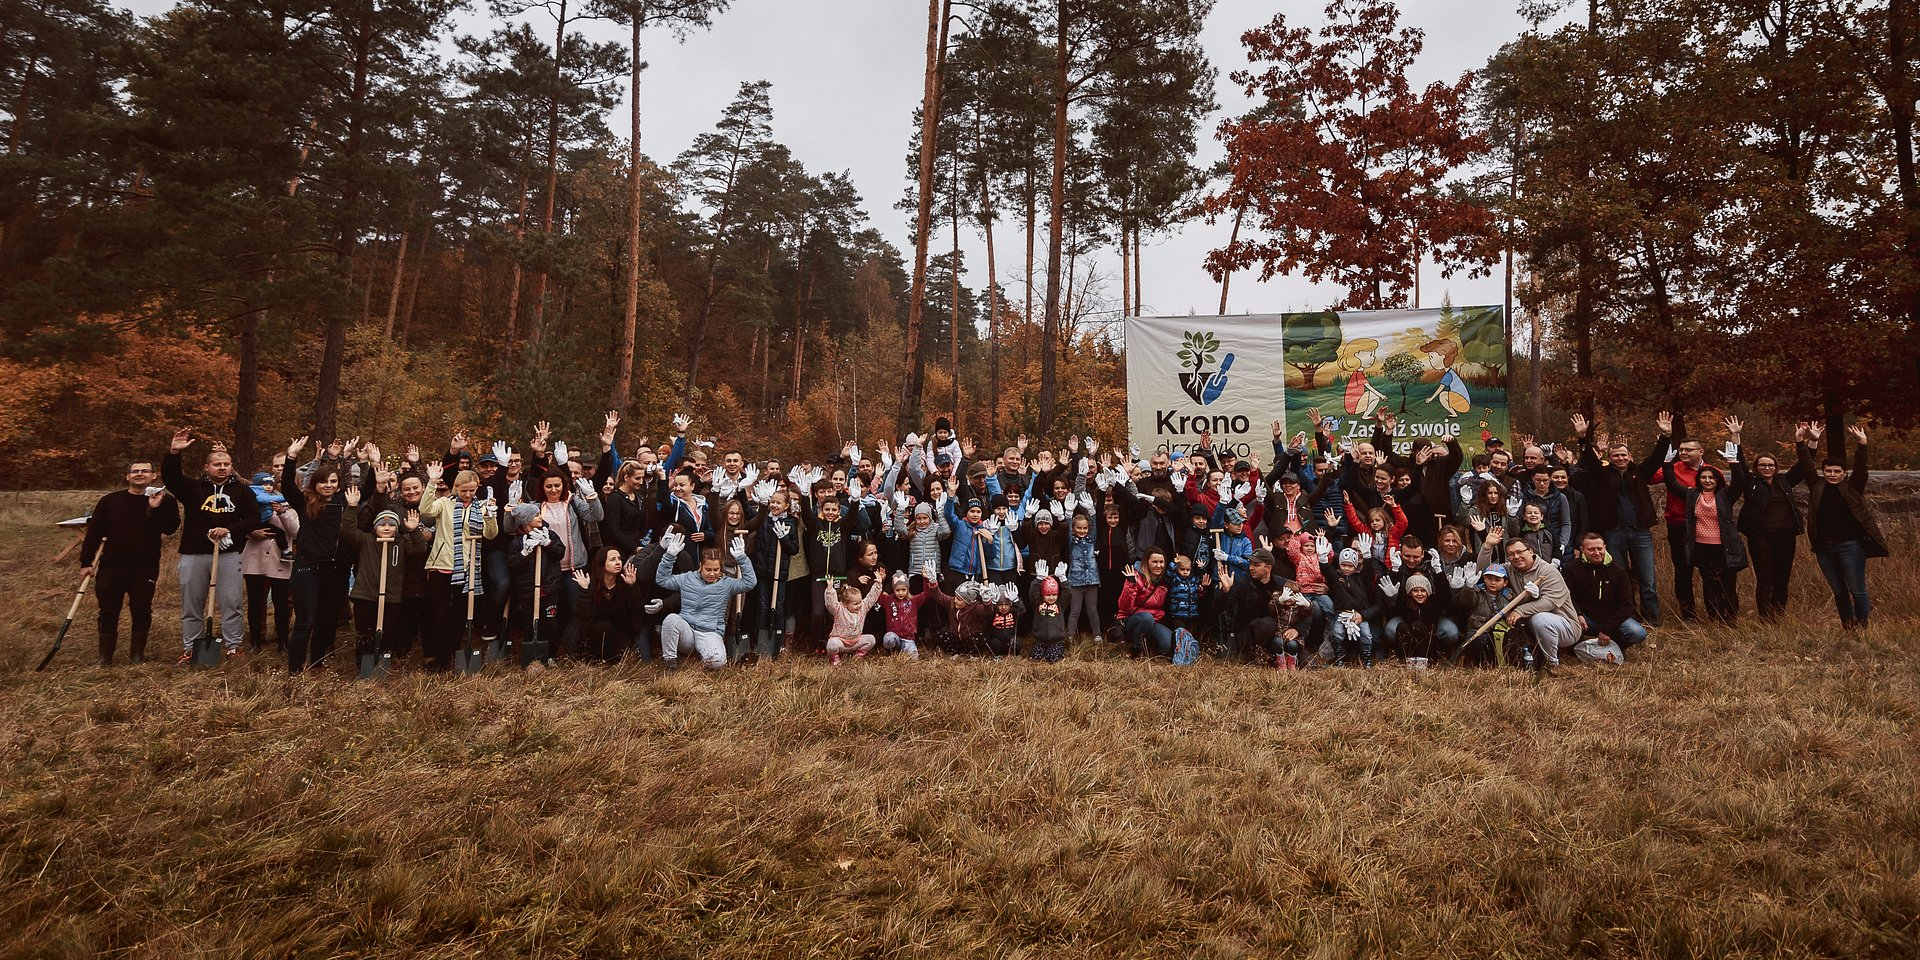 Podczas akcji Kronodrzewko zasadziliśmy kilka tysięcy drzew